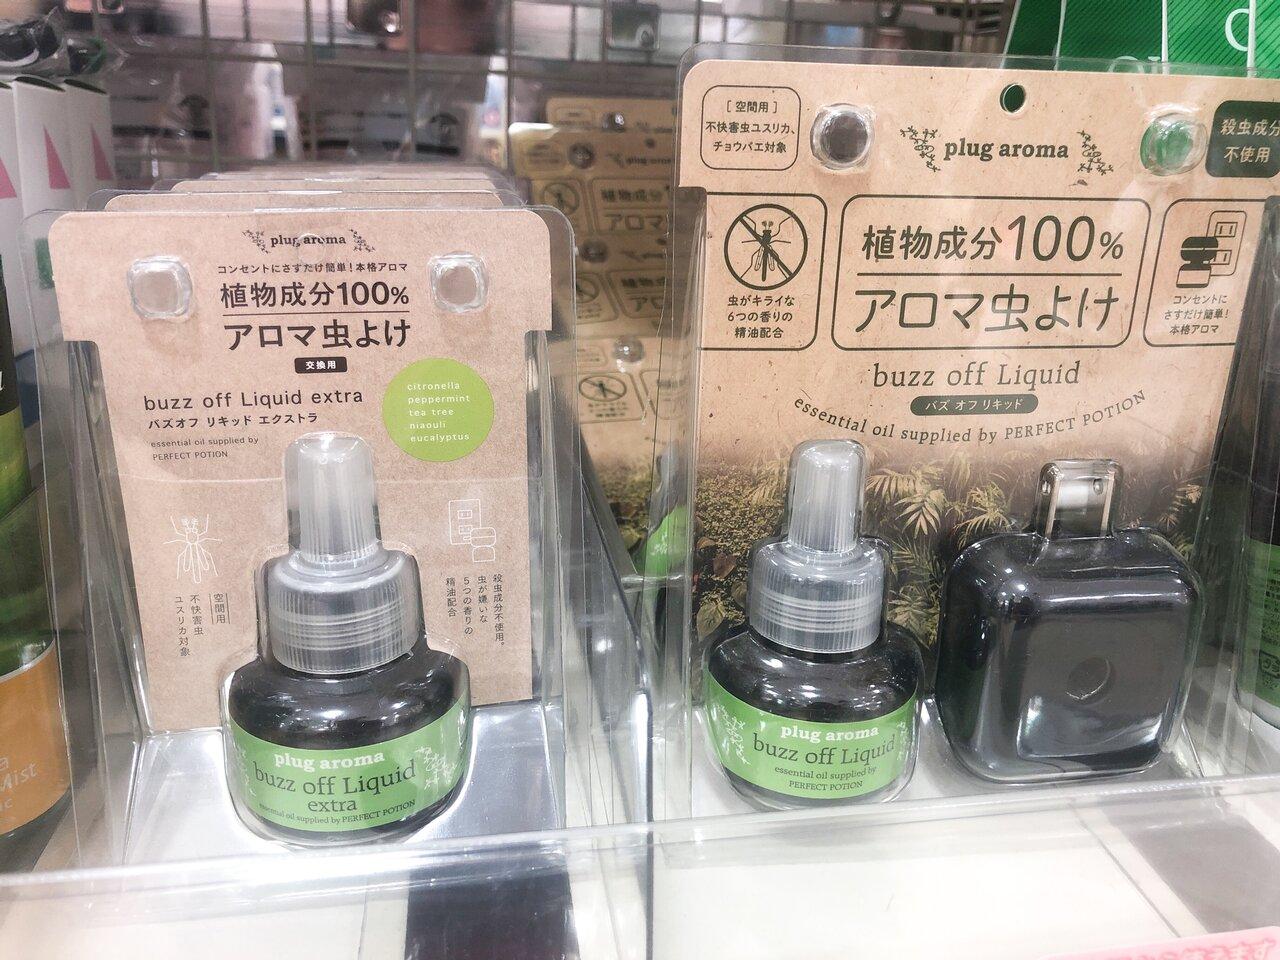 店頭で売られている植物成分100%のアロマ虫よけ